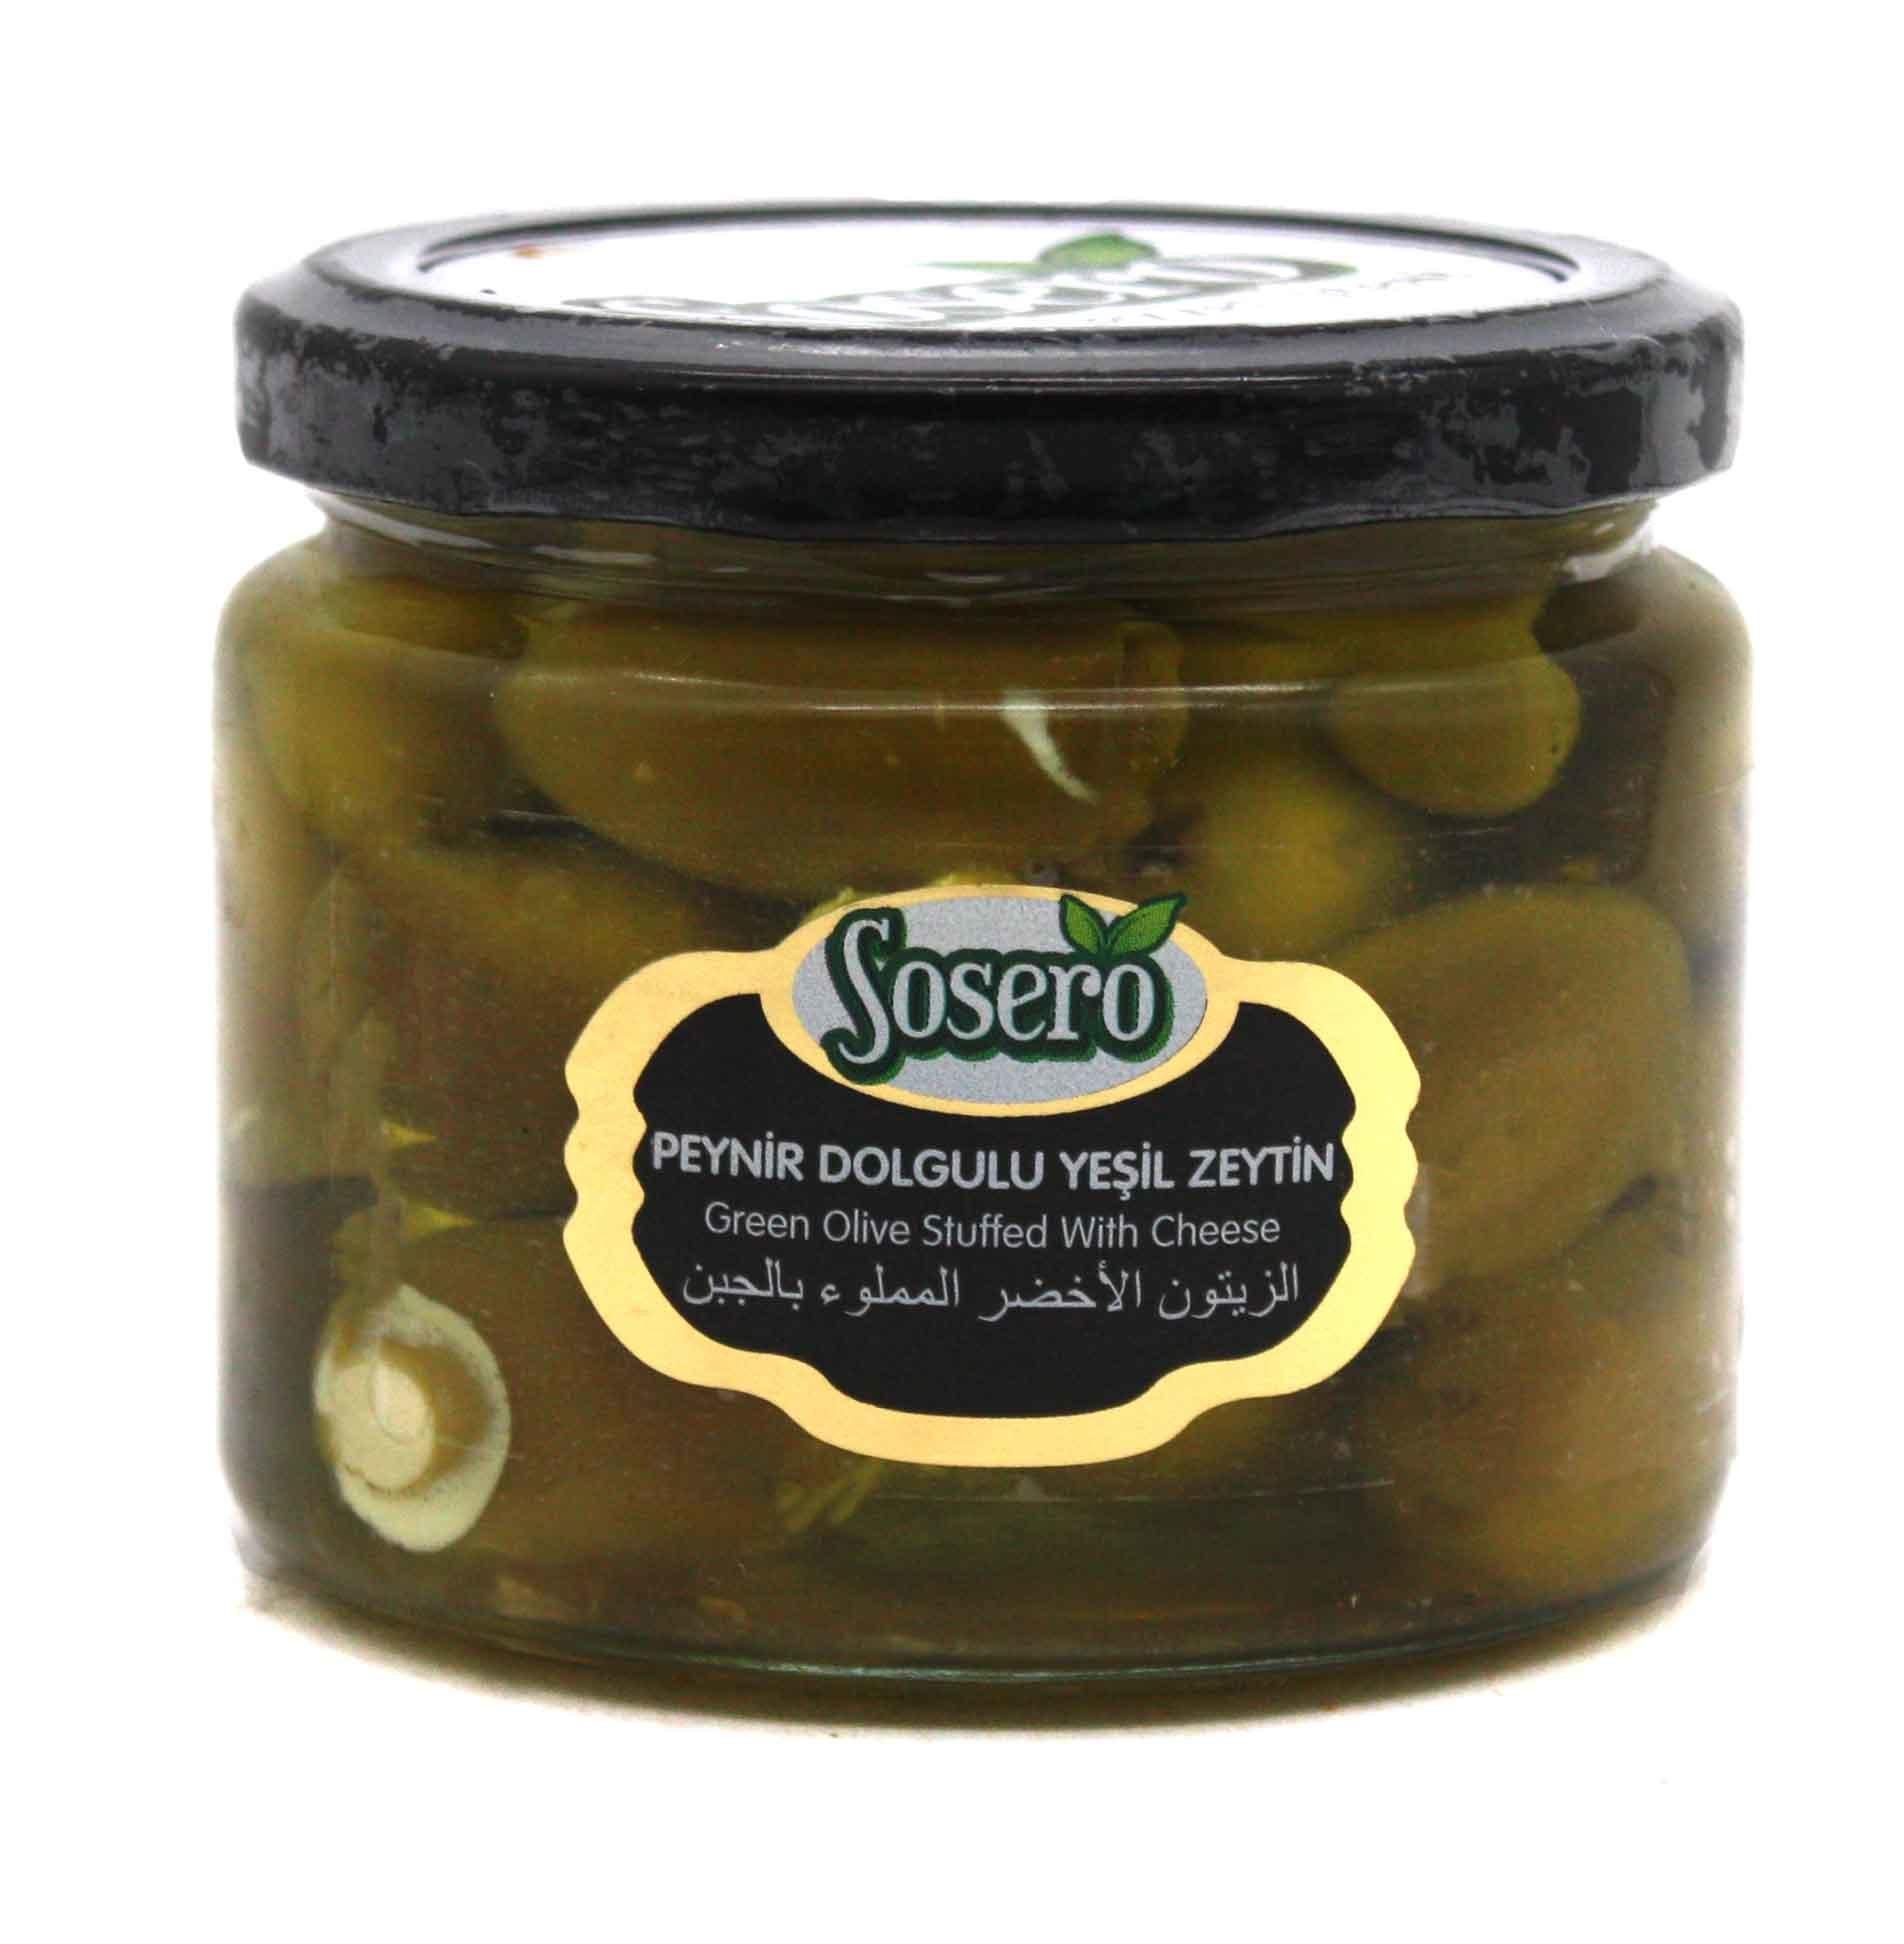 Оливки Оливки зеленые 5XL фаршированные сыром, Sosero, 290 г import_files_a8_a87bb5cdec5a11eaa9d1484d7ecee297_4ff6a56eeeba11eaa9d3484d7ecee297.jpg